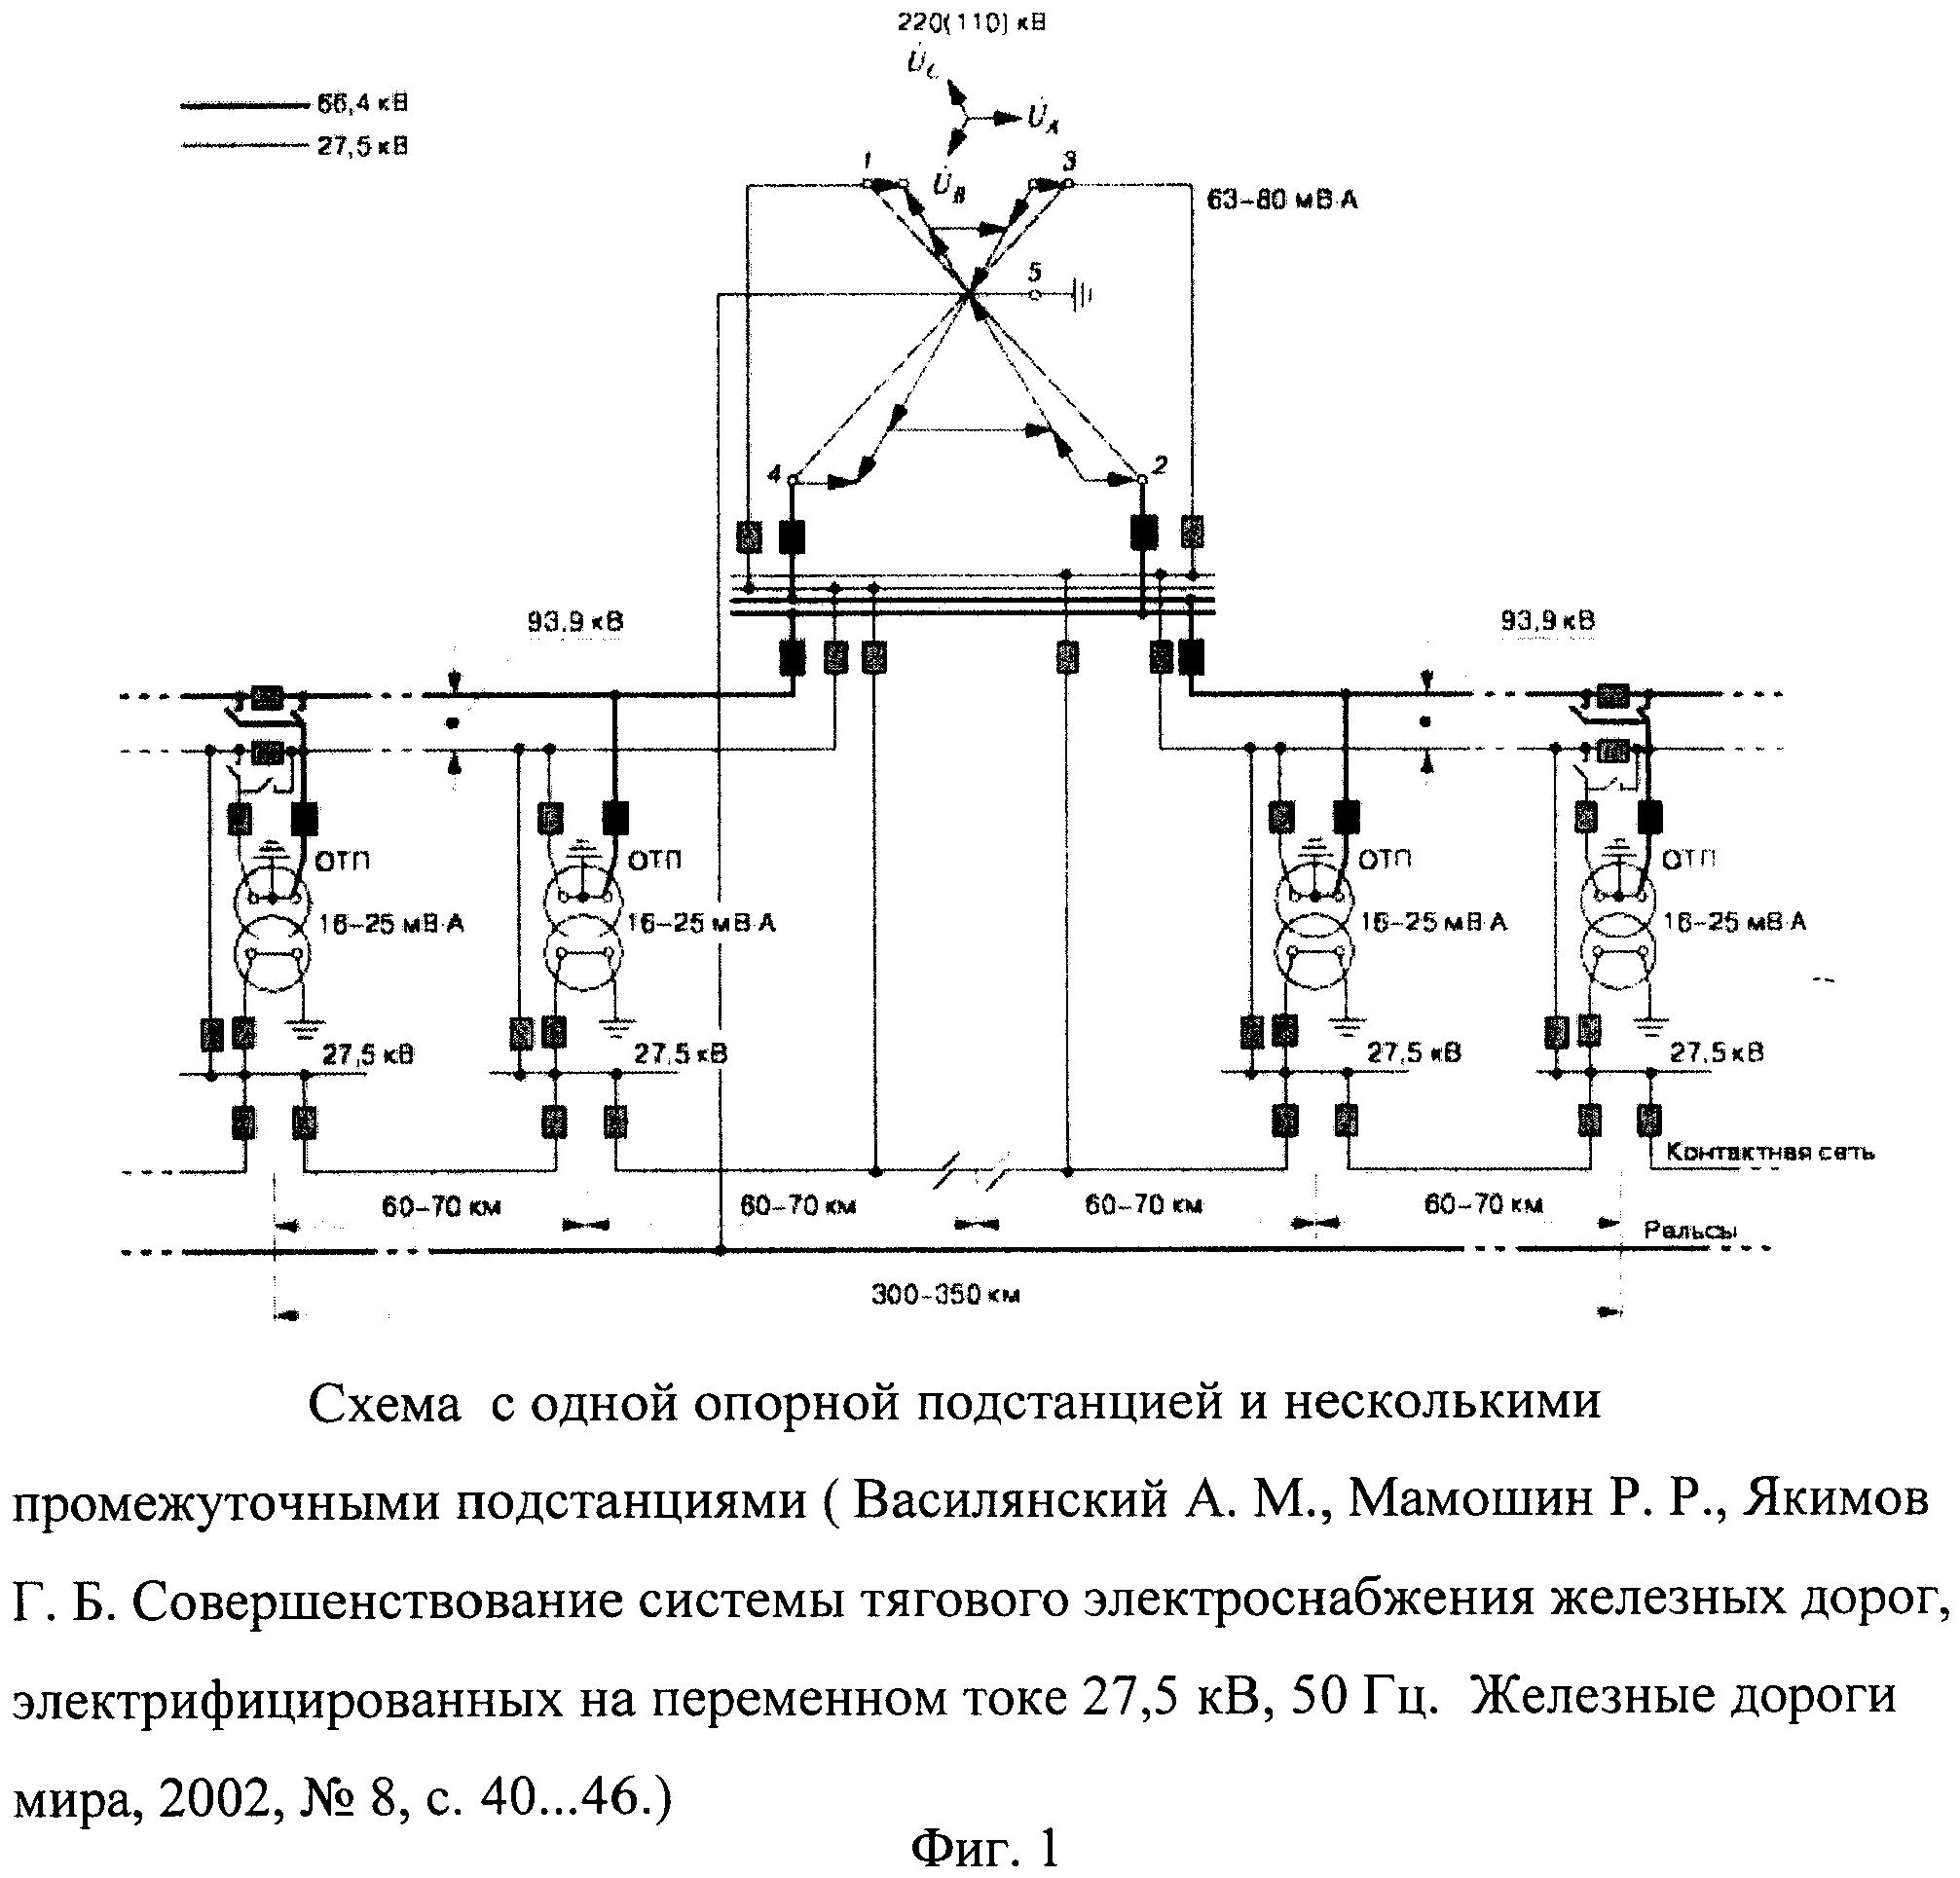 Схема электроснабжения железных дорог фото 657